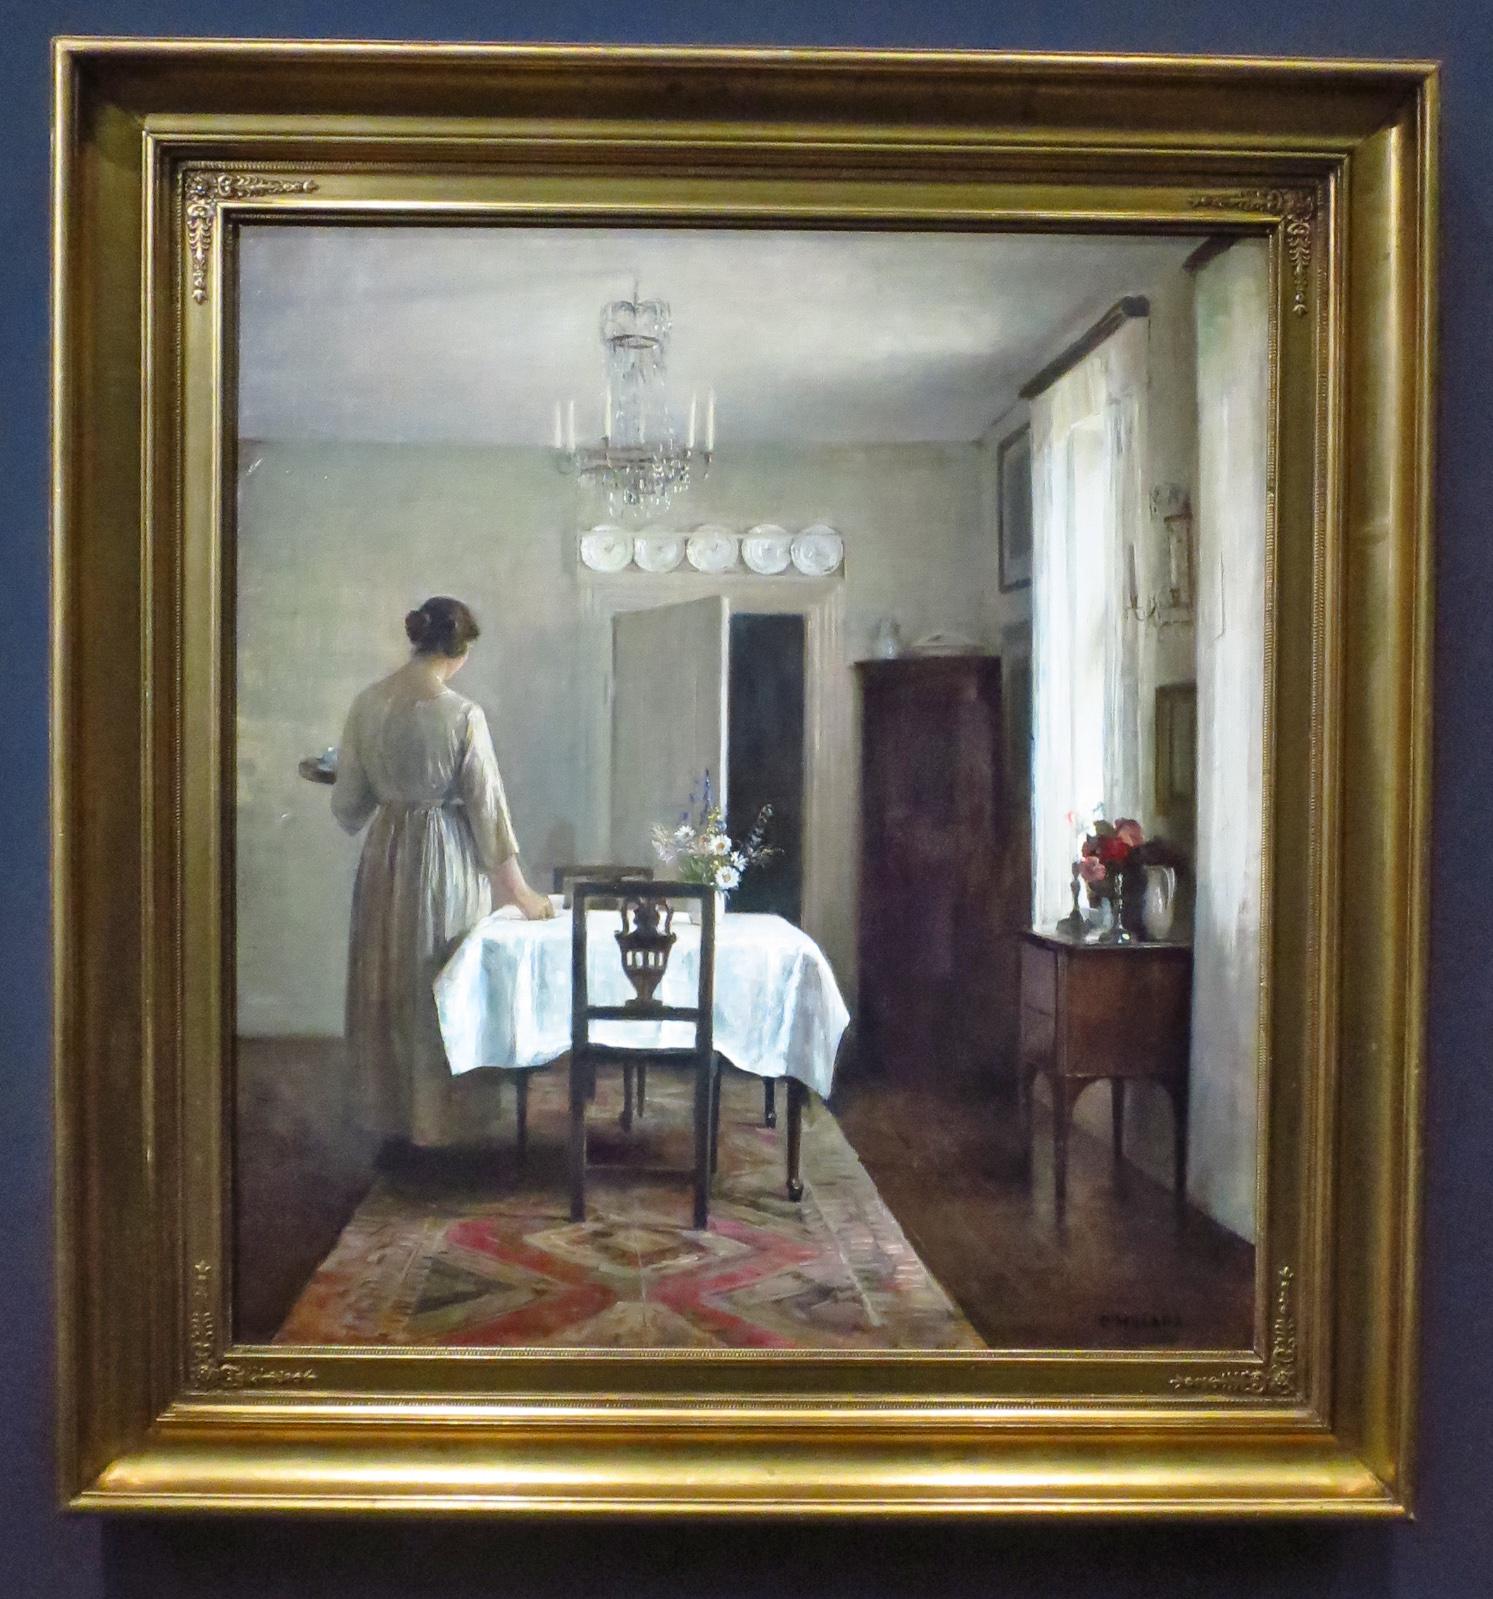 La femme de l'artiste devant la table de  Carle Holsoe,